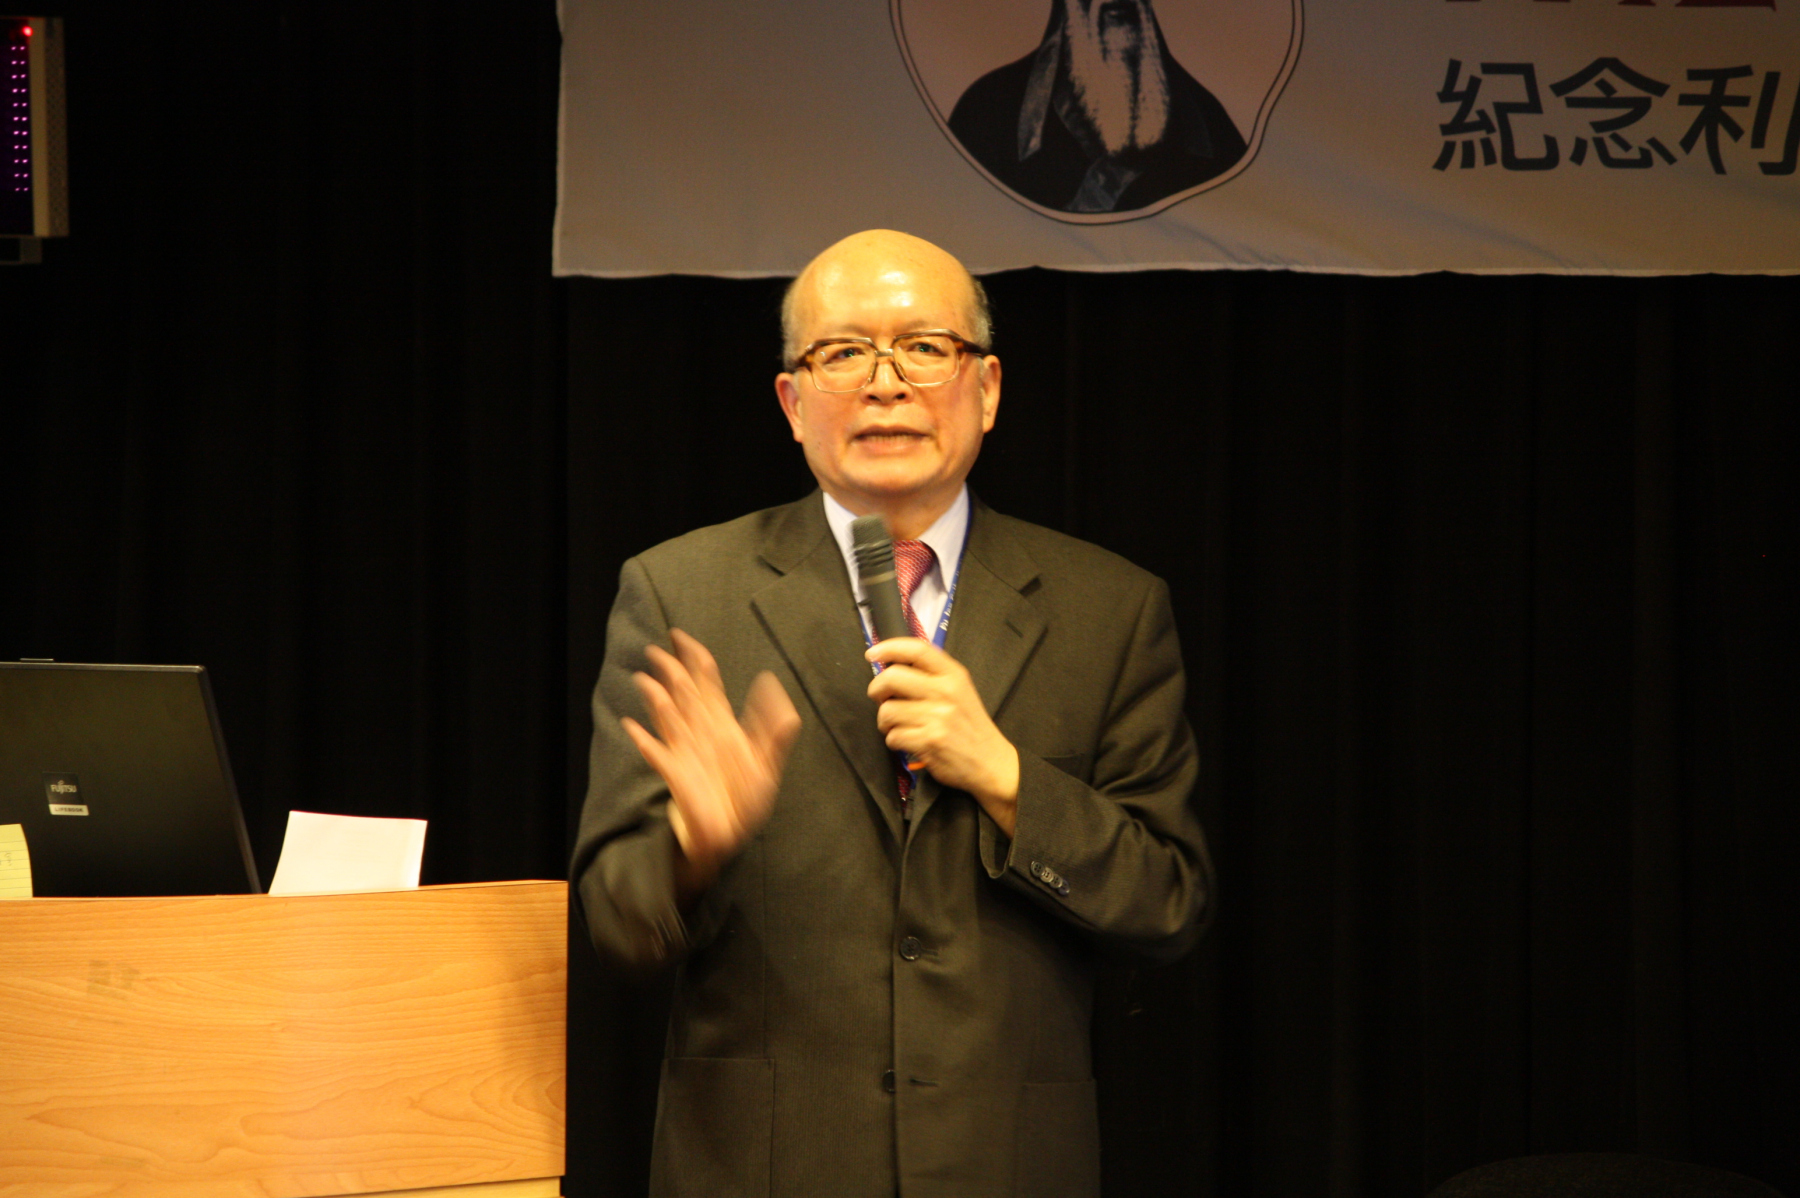 201004紀念利瑪竇逝世四百週年國際學術研討會-45